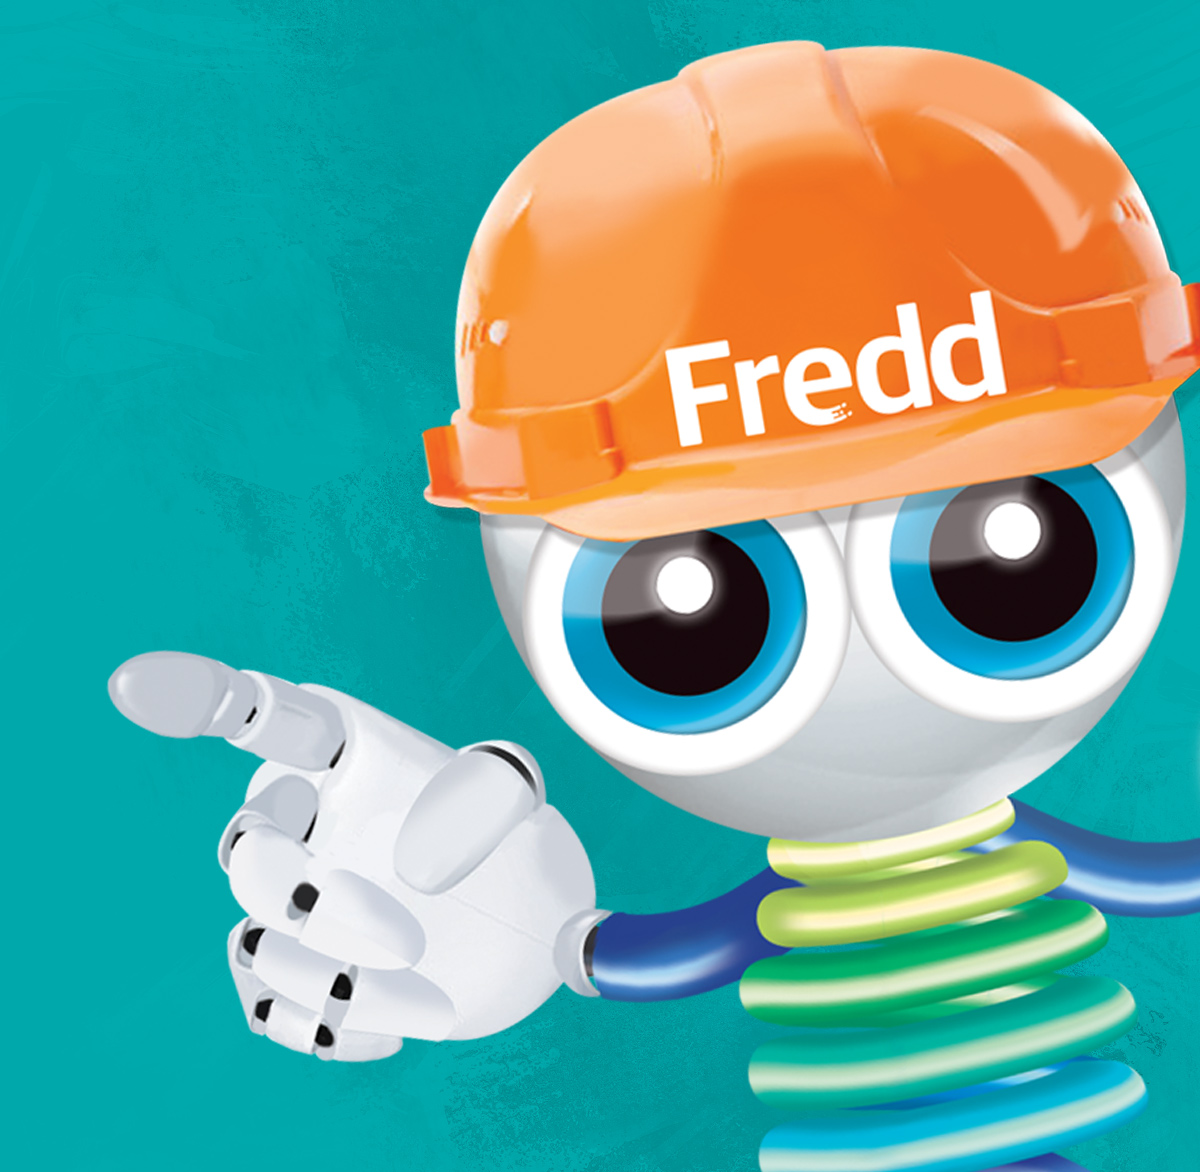 Fredd Streetpole Ad Campaign